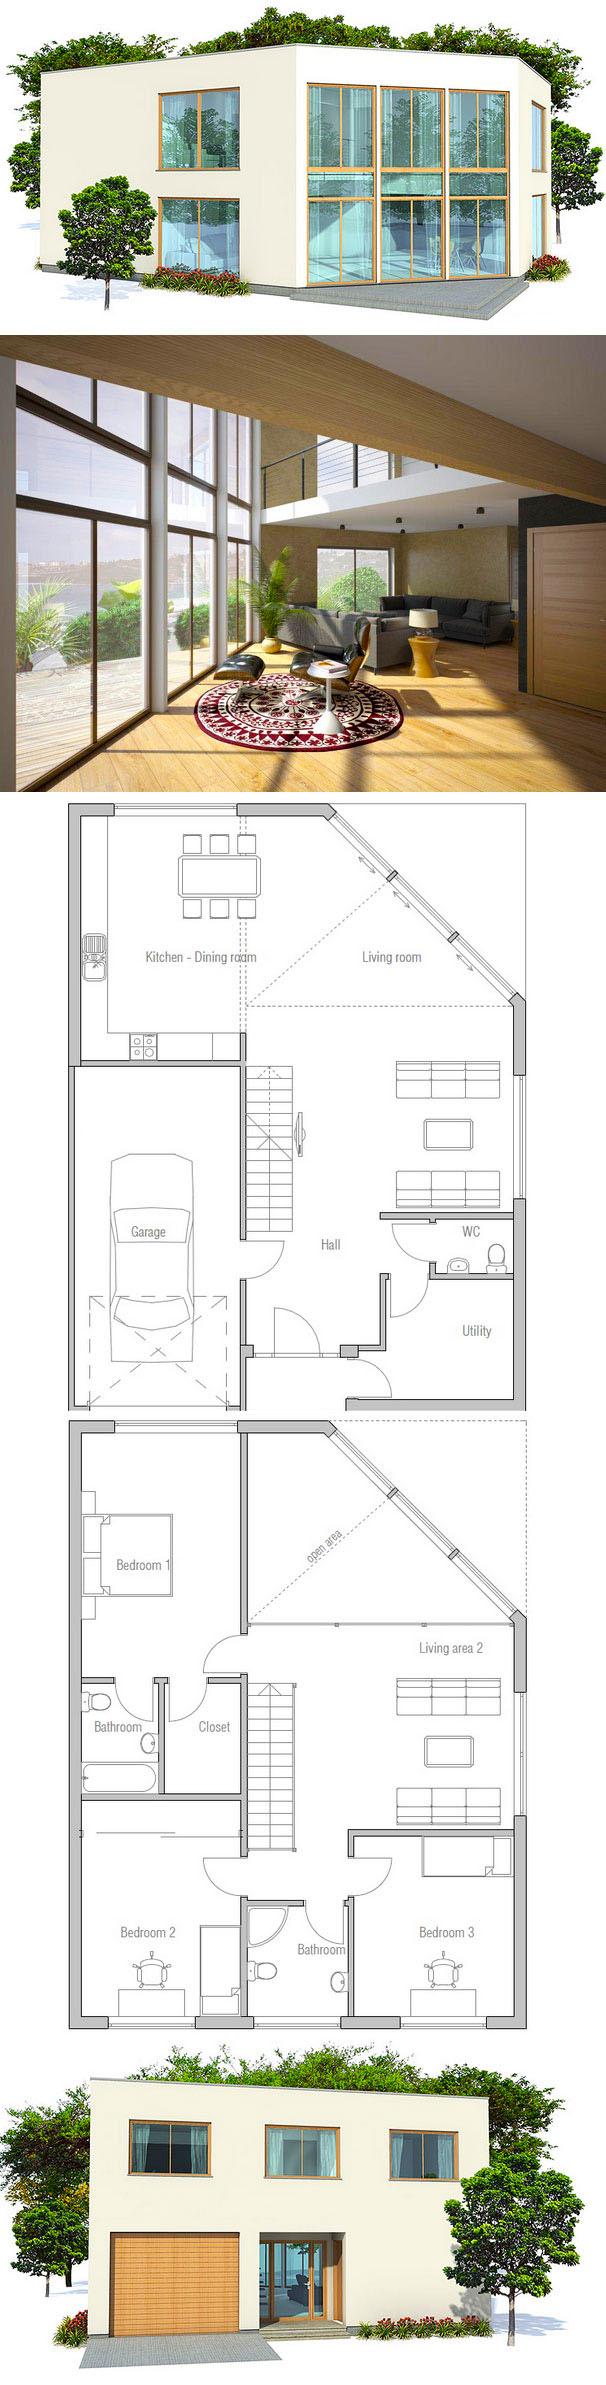 hausplan modernes haus hauspl ne pinterest haus haus grundriss und moderne h user. Black Bedroom Furniture Sets. Home Design Ideas